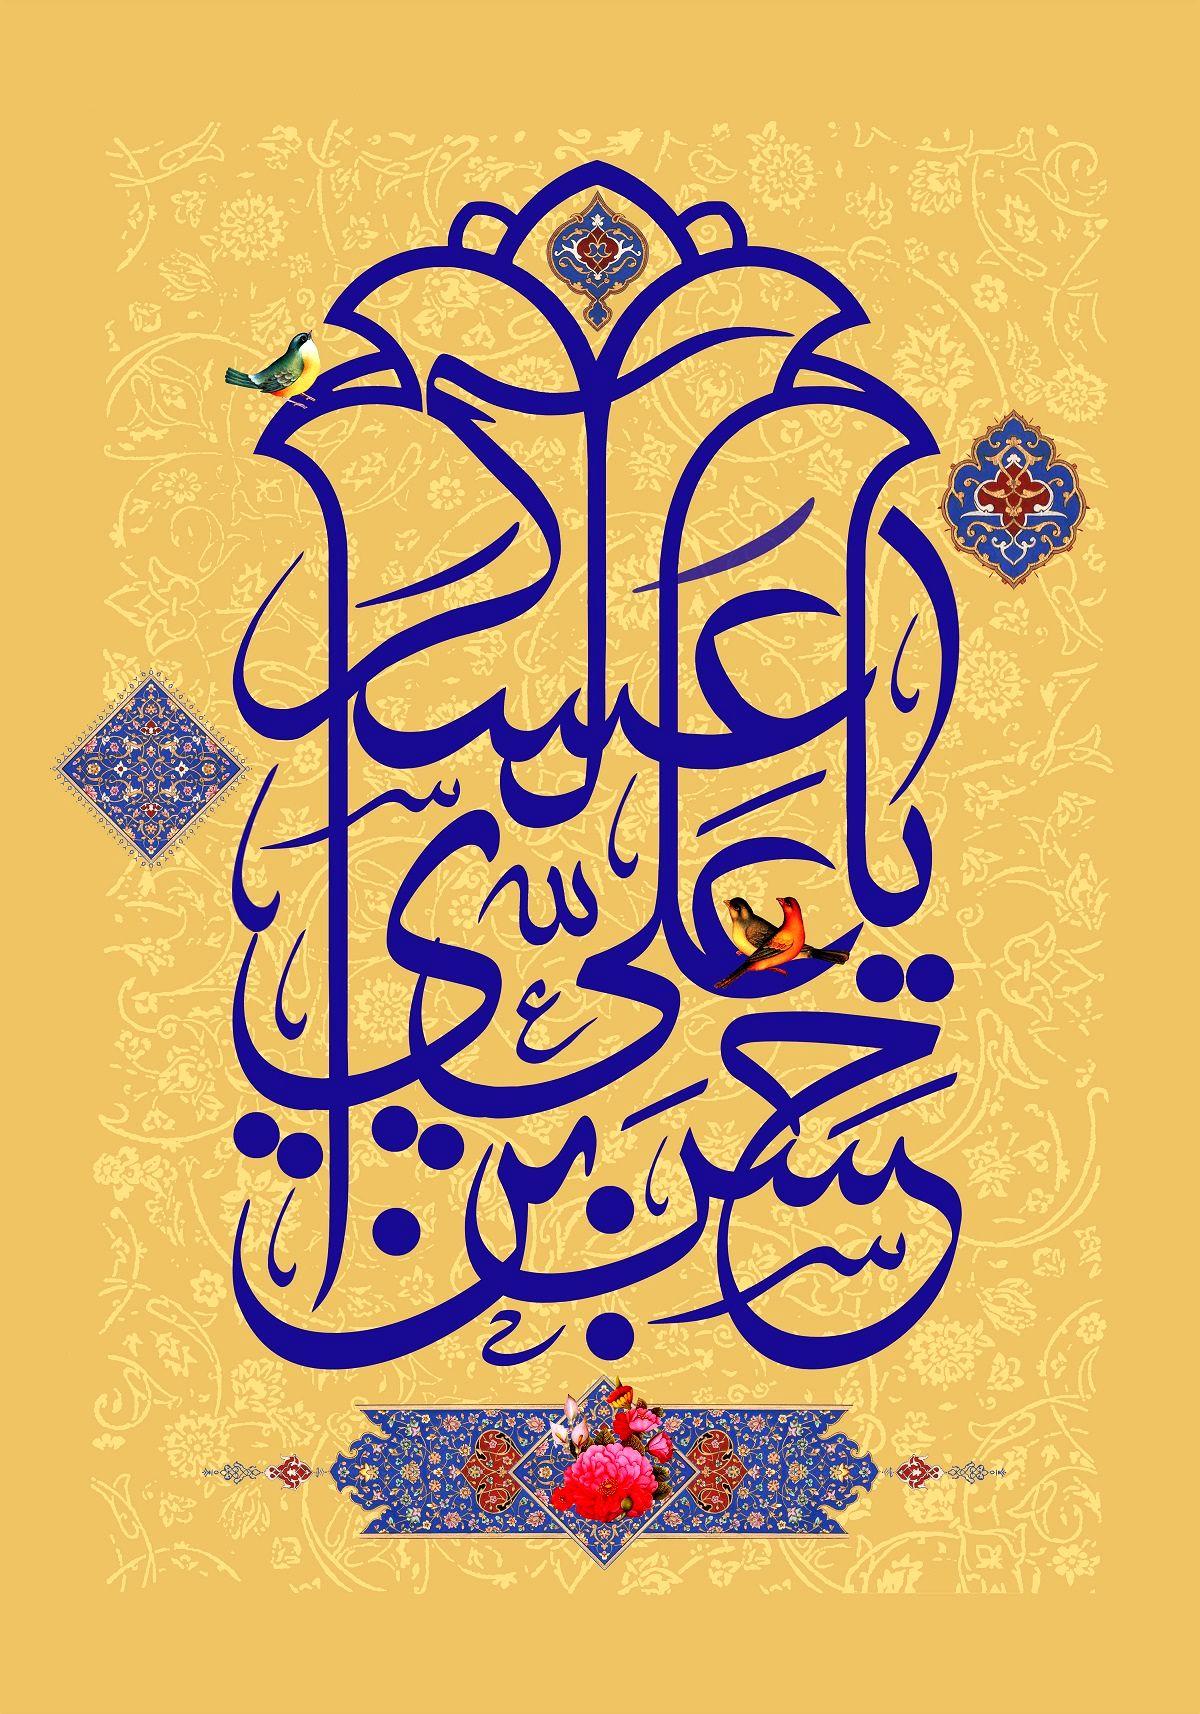 تدوین روایات جامع شیعه در قالب دایره المعارفی/ «امام حسن عسکری (ع)» شعائری را برای شیعیان به عنوان نماد معرفی کردند